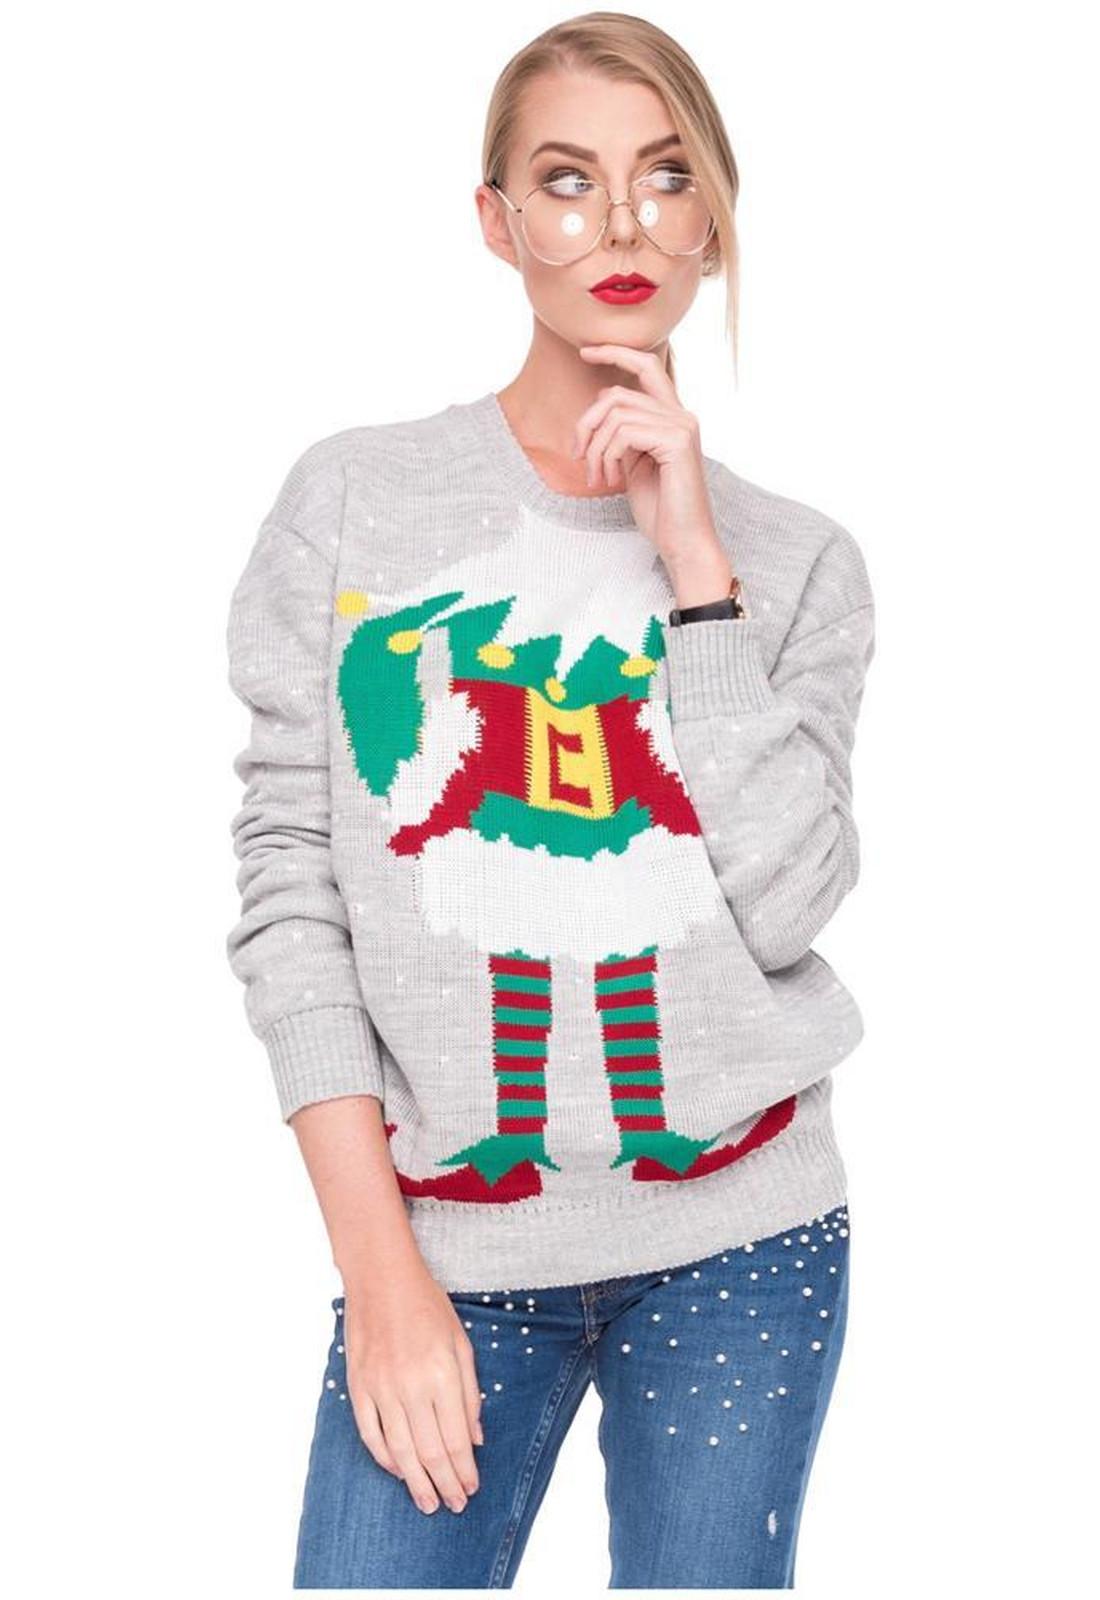 Weihnachstspullover Damen Weihnachstpullis Weihnachten Elfenmotiv ...